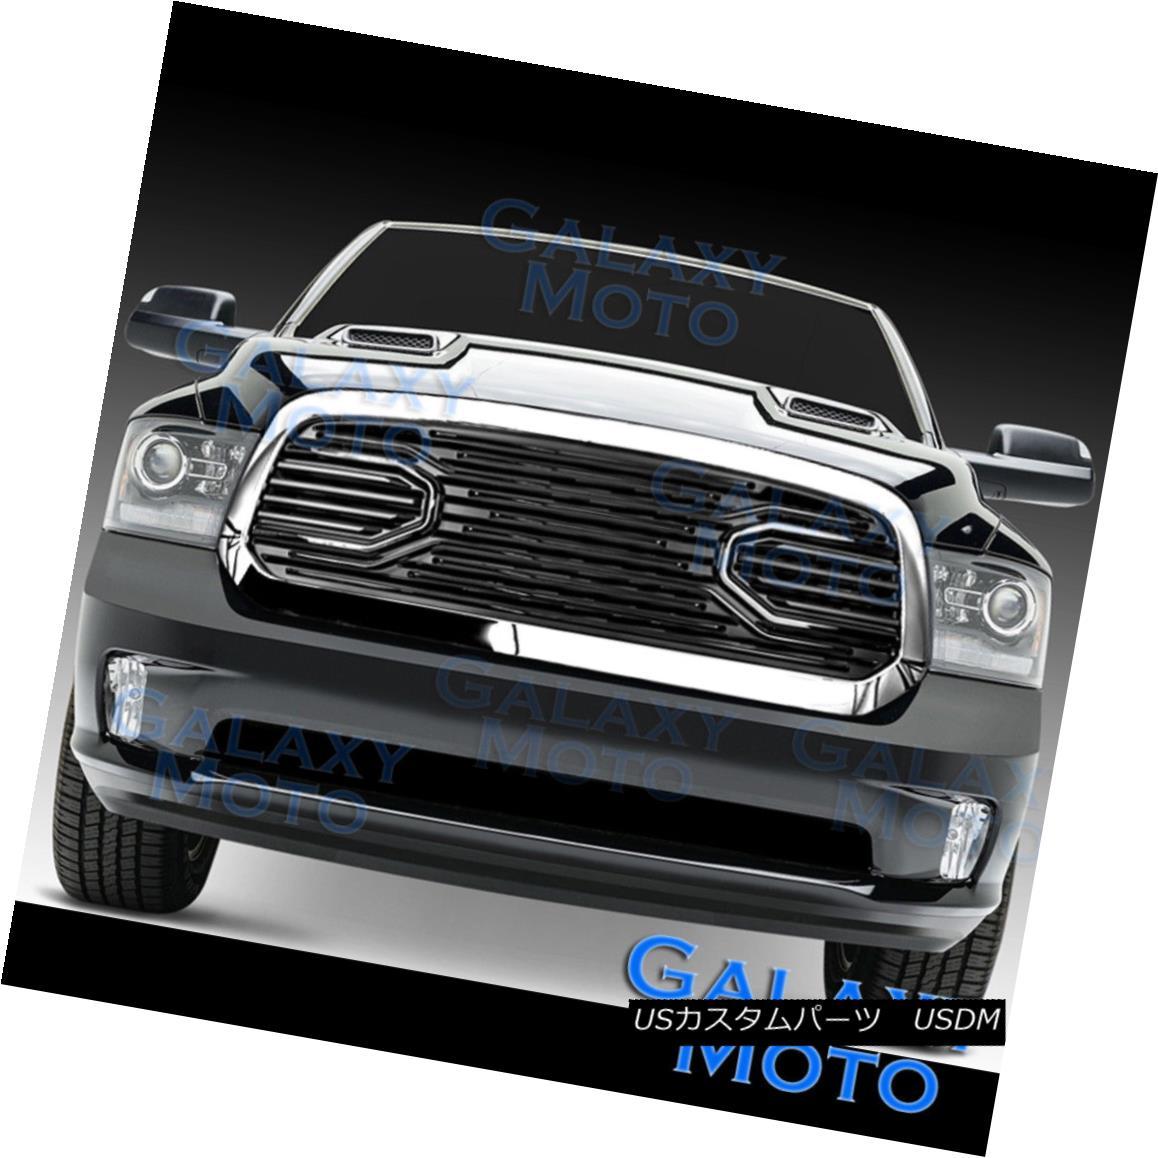 グリル 13-17 Dodge RAM 1500 Front Hood Big Horn Black Replacement Grille+Chrome Shell 13-17ドッジRAM 1500フロントフードビッグホーンブラック交換グリル+クロムシェル